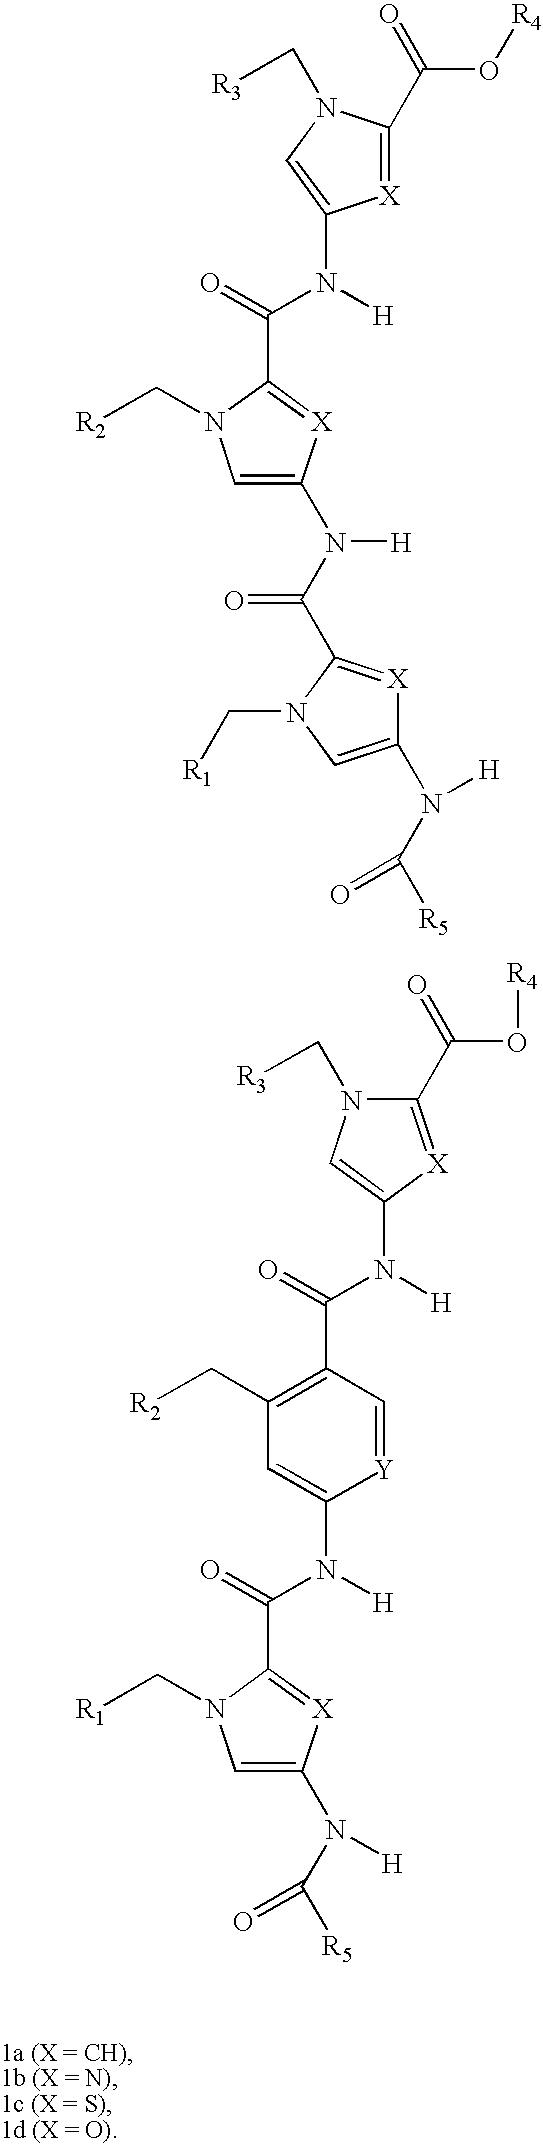 Figure US07312246-20071225-C00010